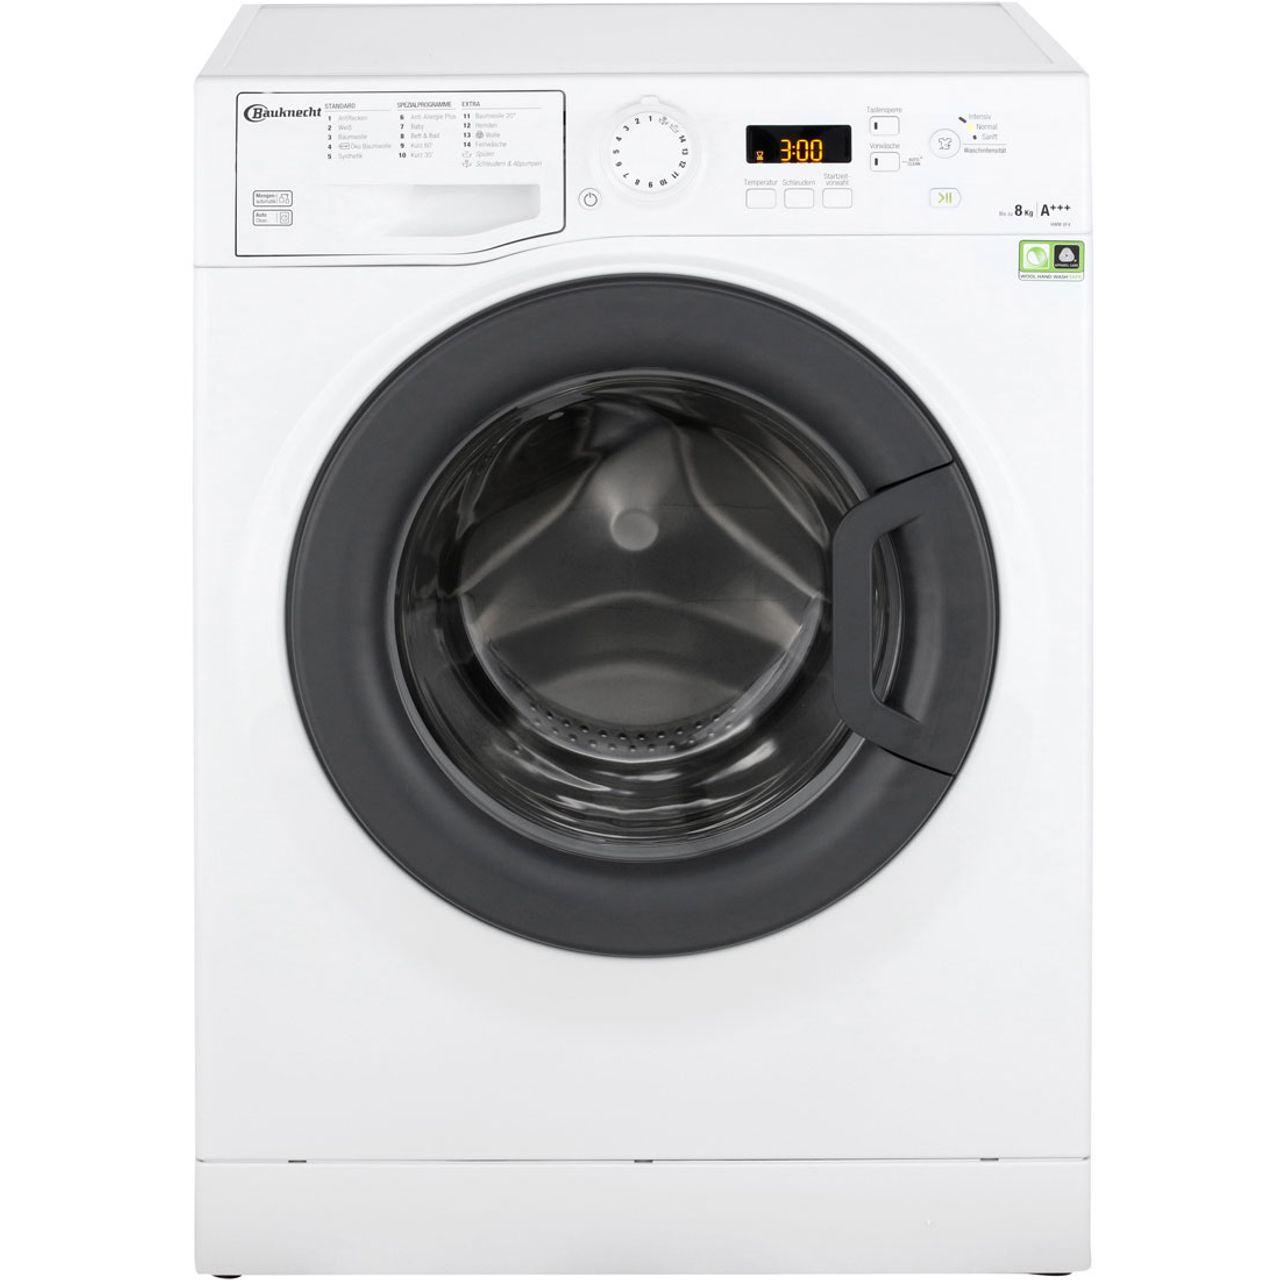 Bauknecht hwm f waschmaschine kg u min a